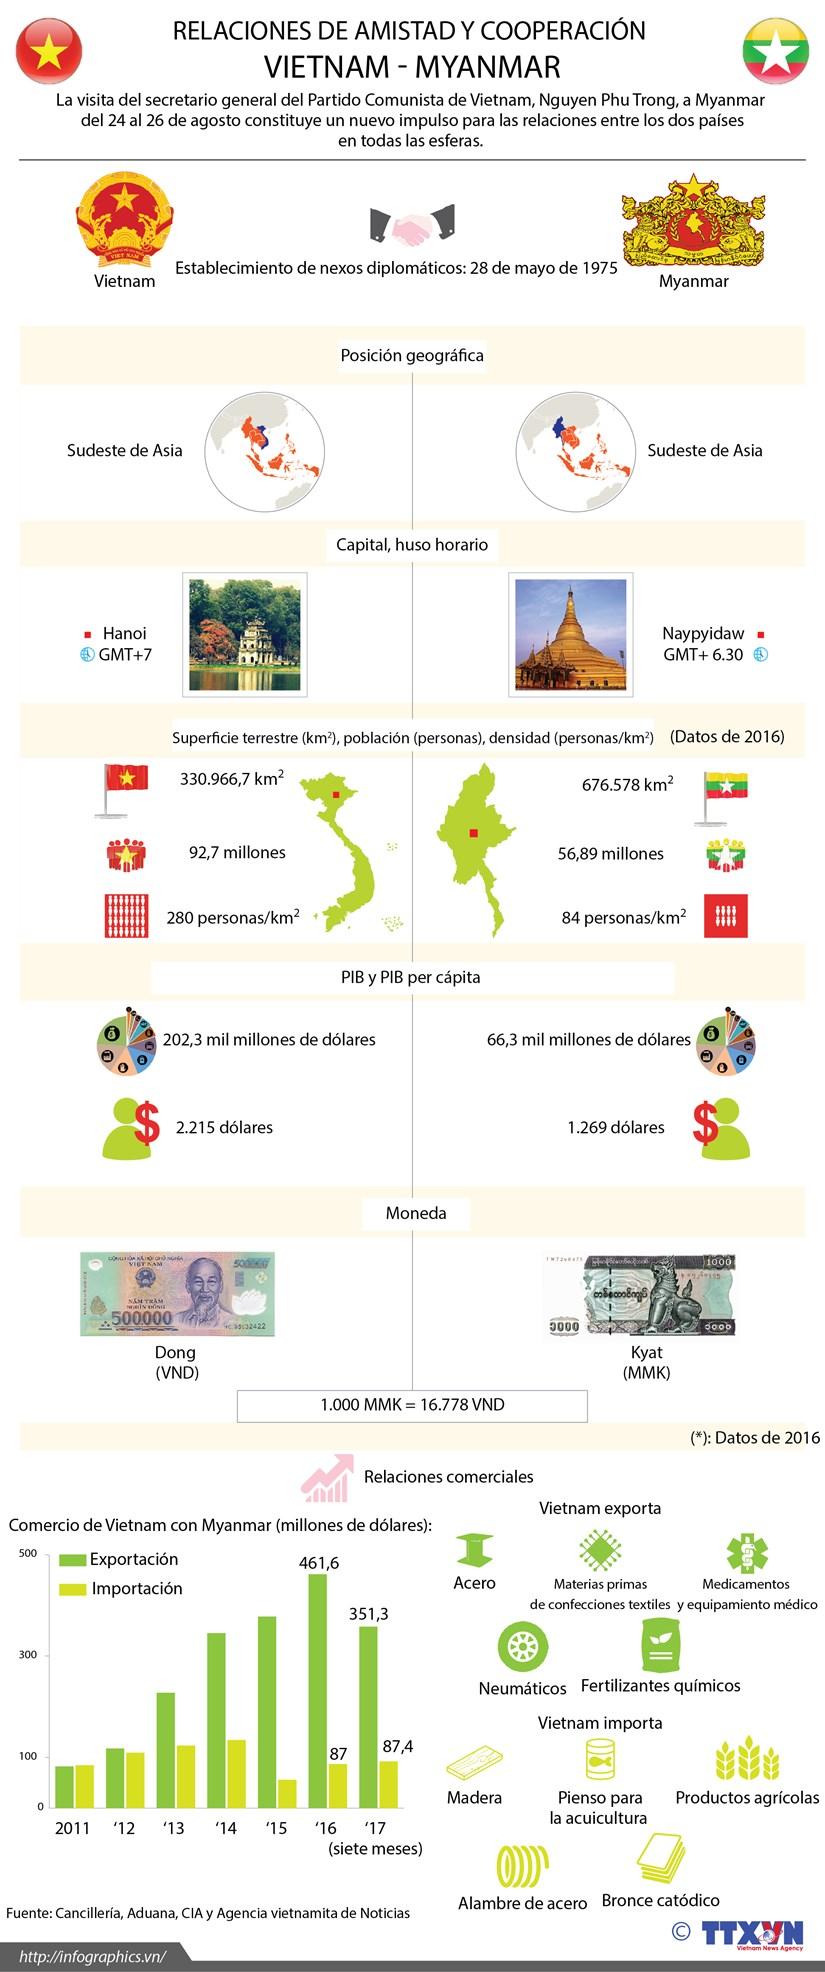 [Infografia] Relaciones de amistad y cooperacion Vietnam - Myanmar hinh anh 1